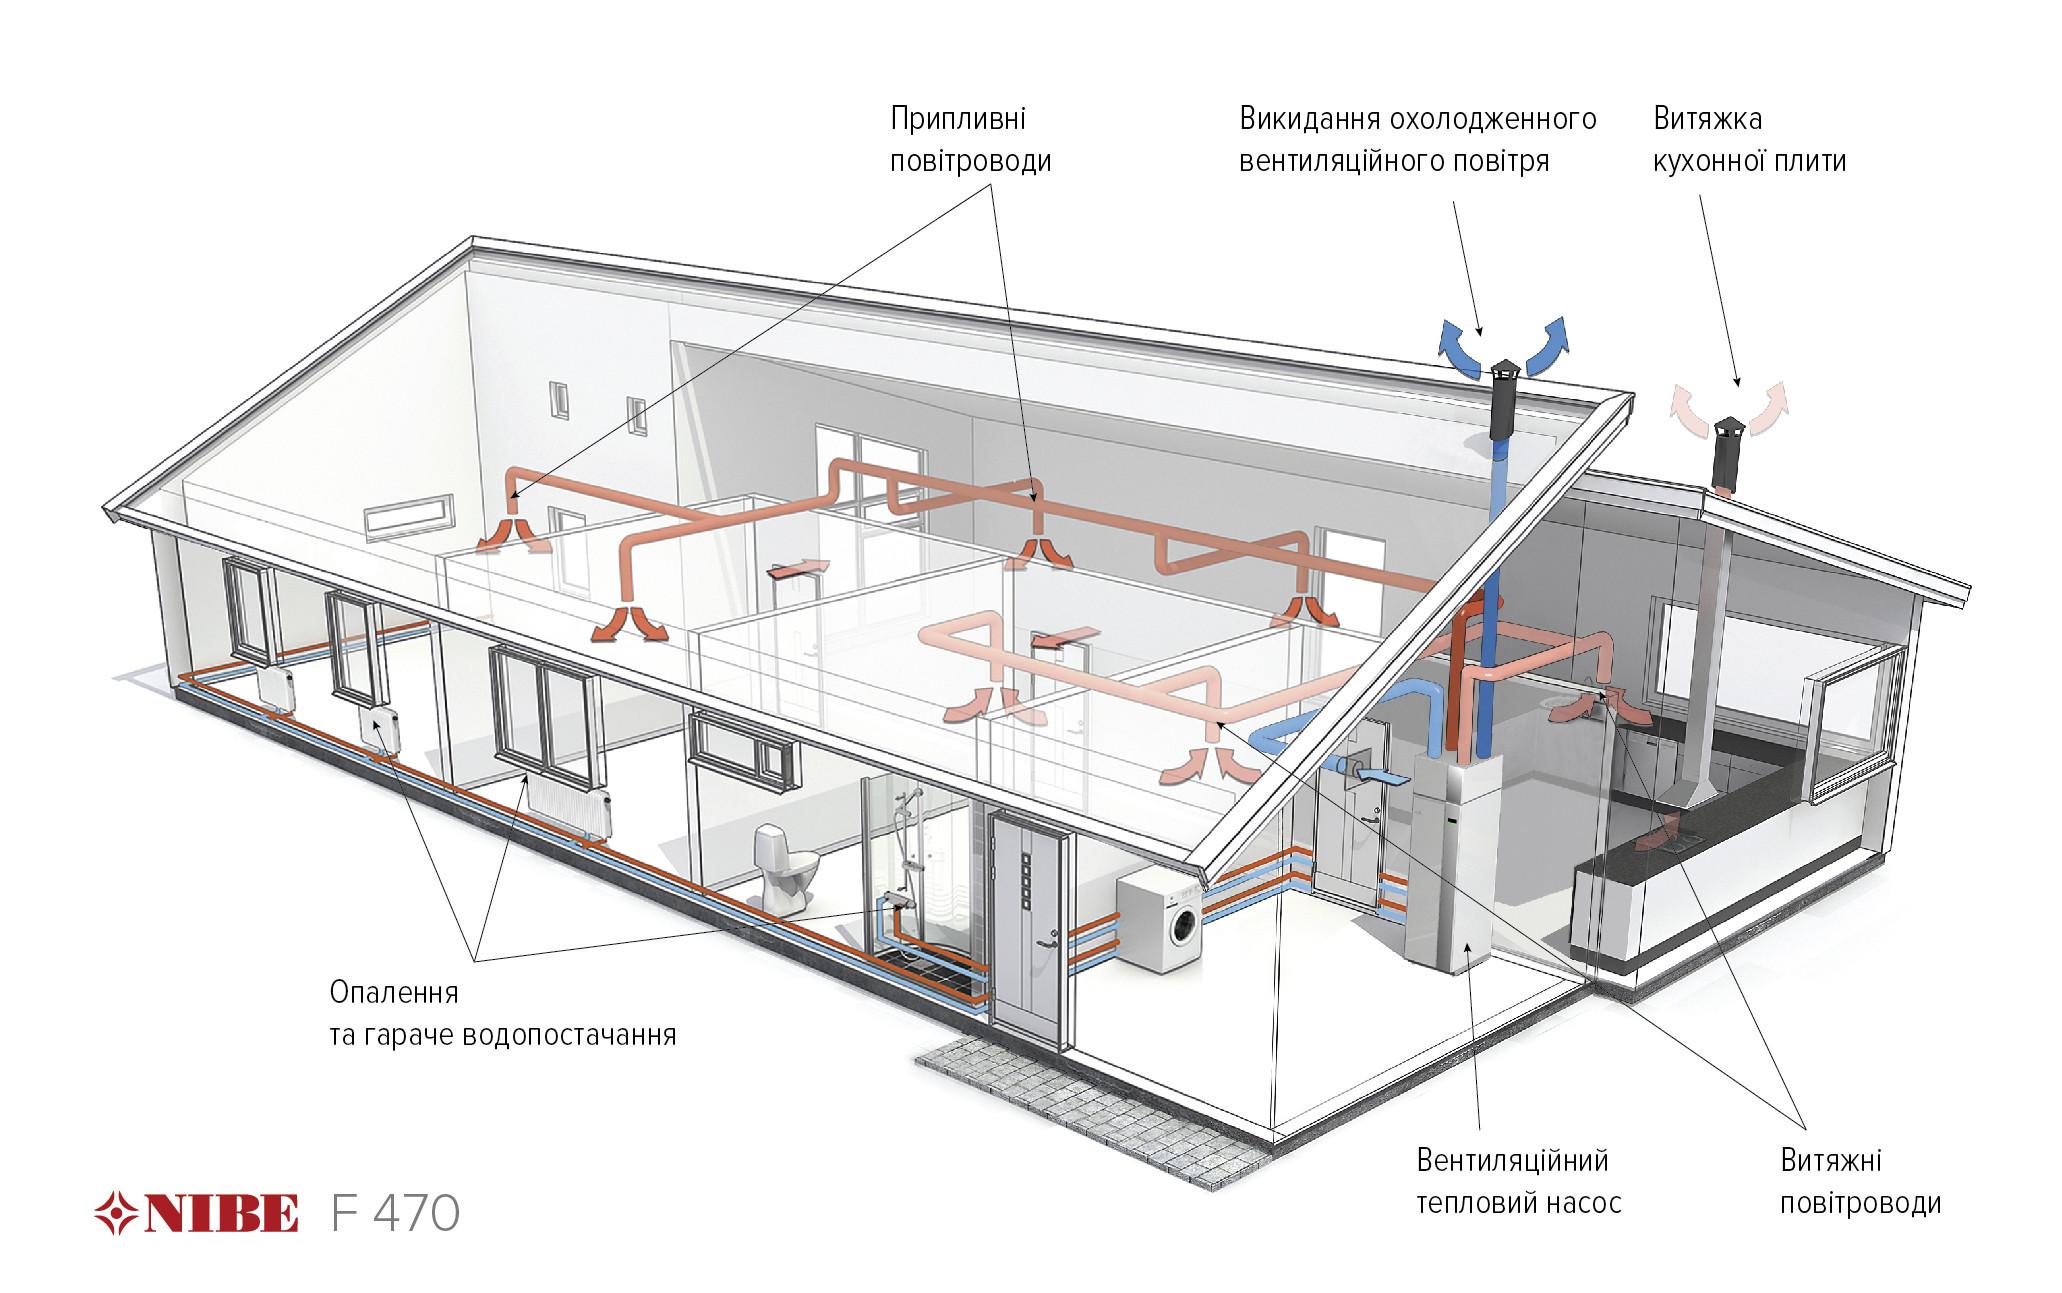 Схема работы вентиляционного теплового насоса - рекуператора NIBE F470